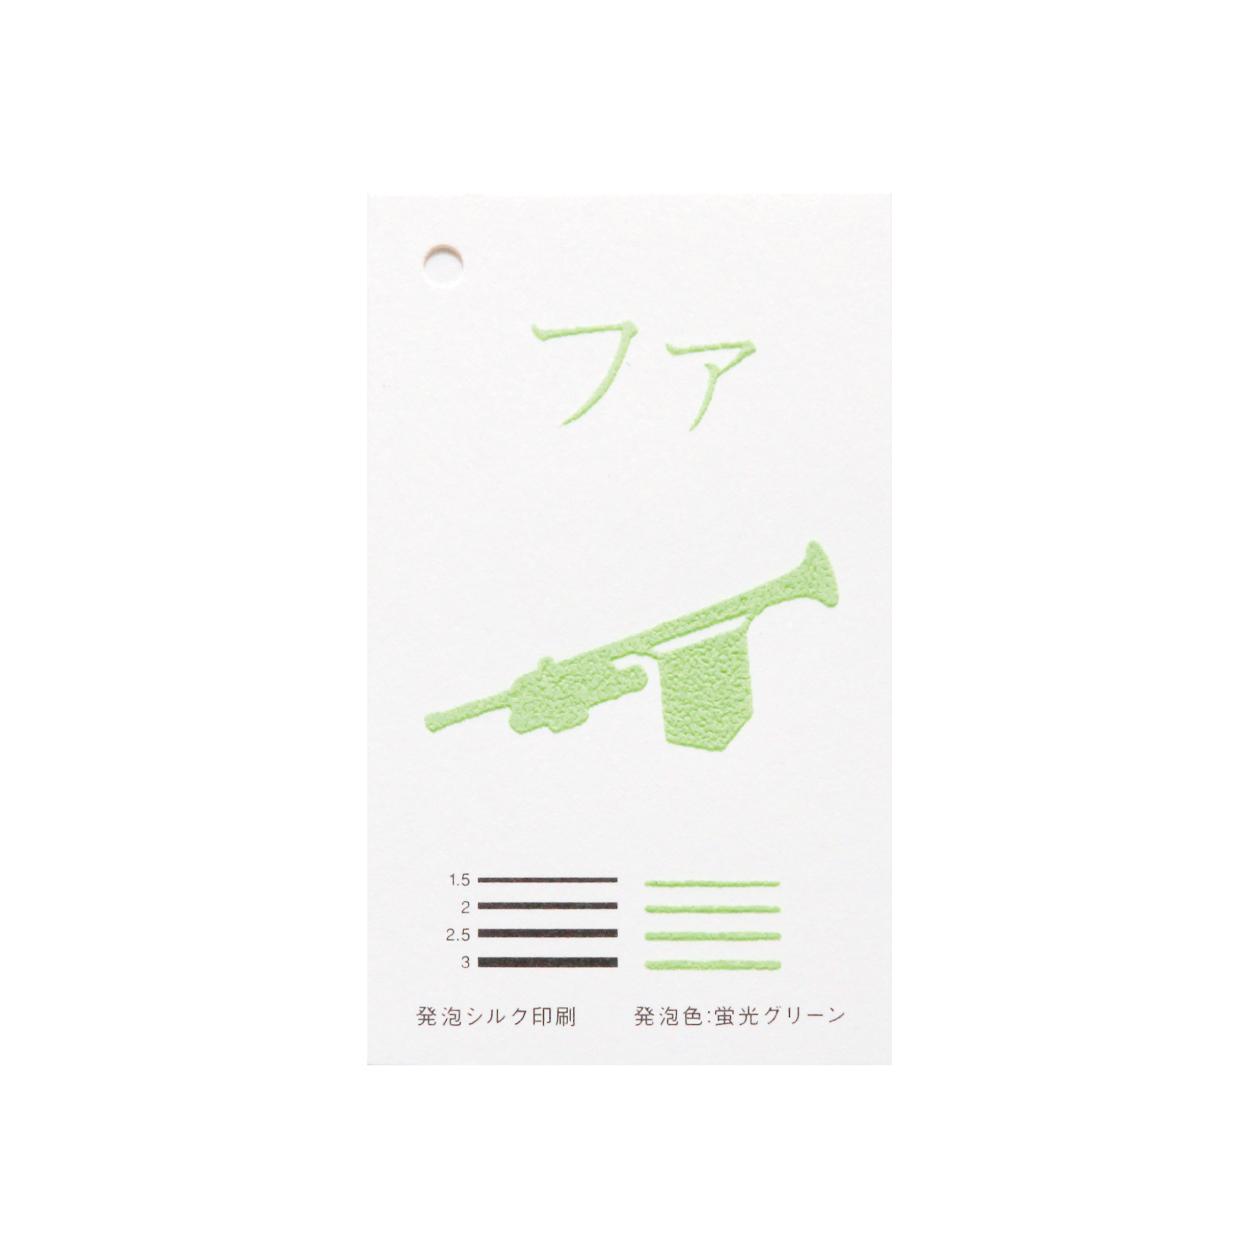 加工色見本 00139 発泡シルク 蛍光グリーン コットンスノーホワイト 232.8g